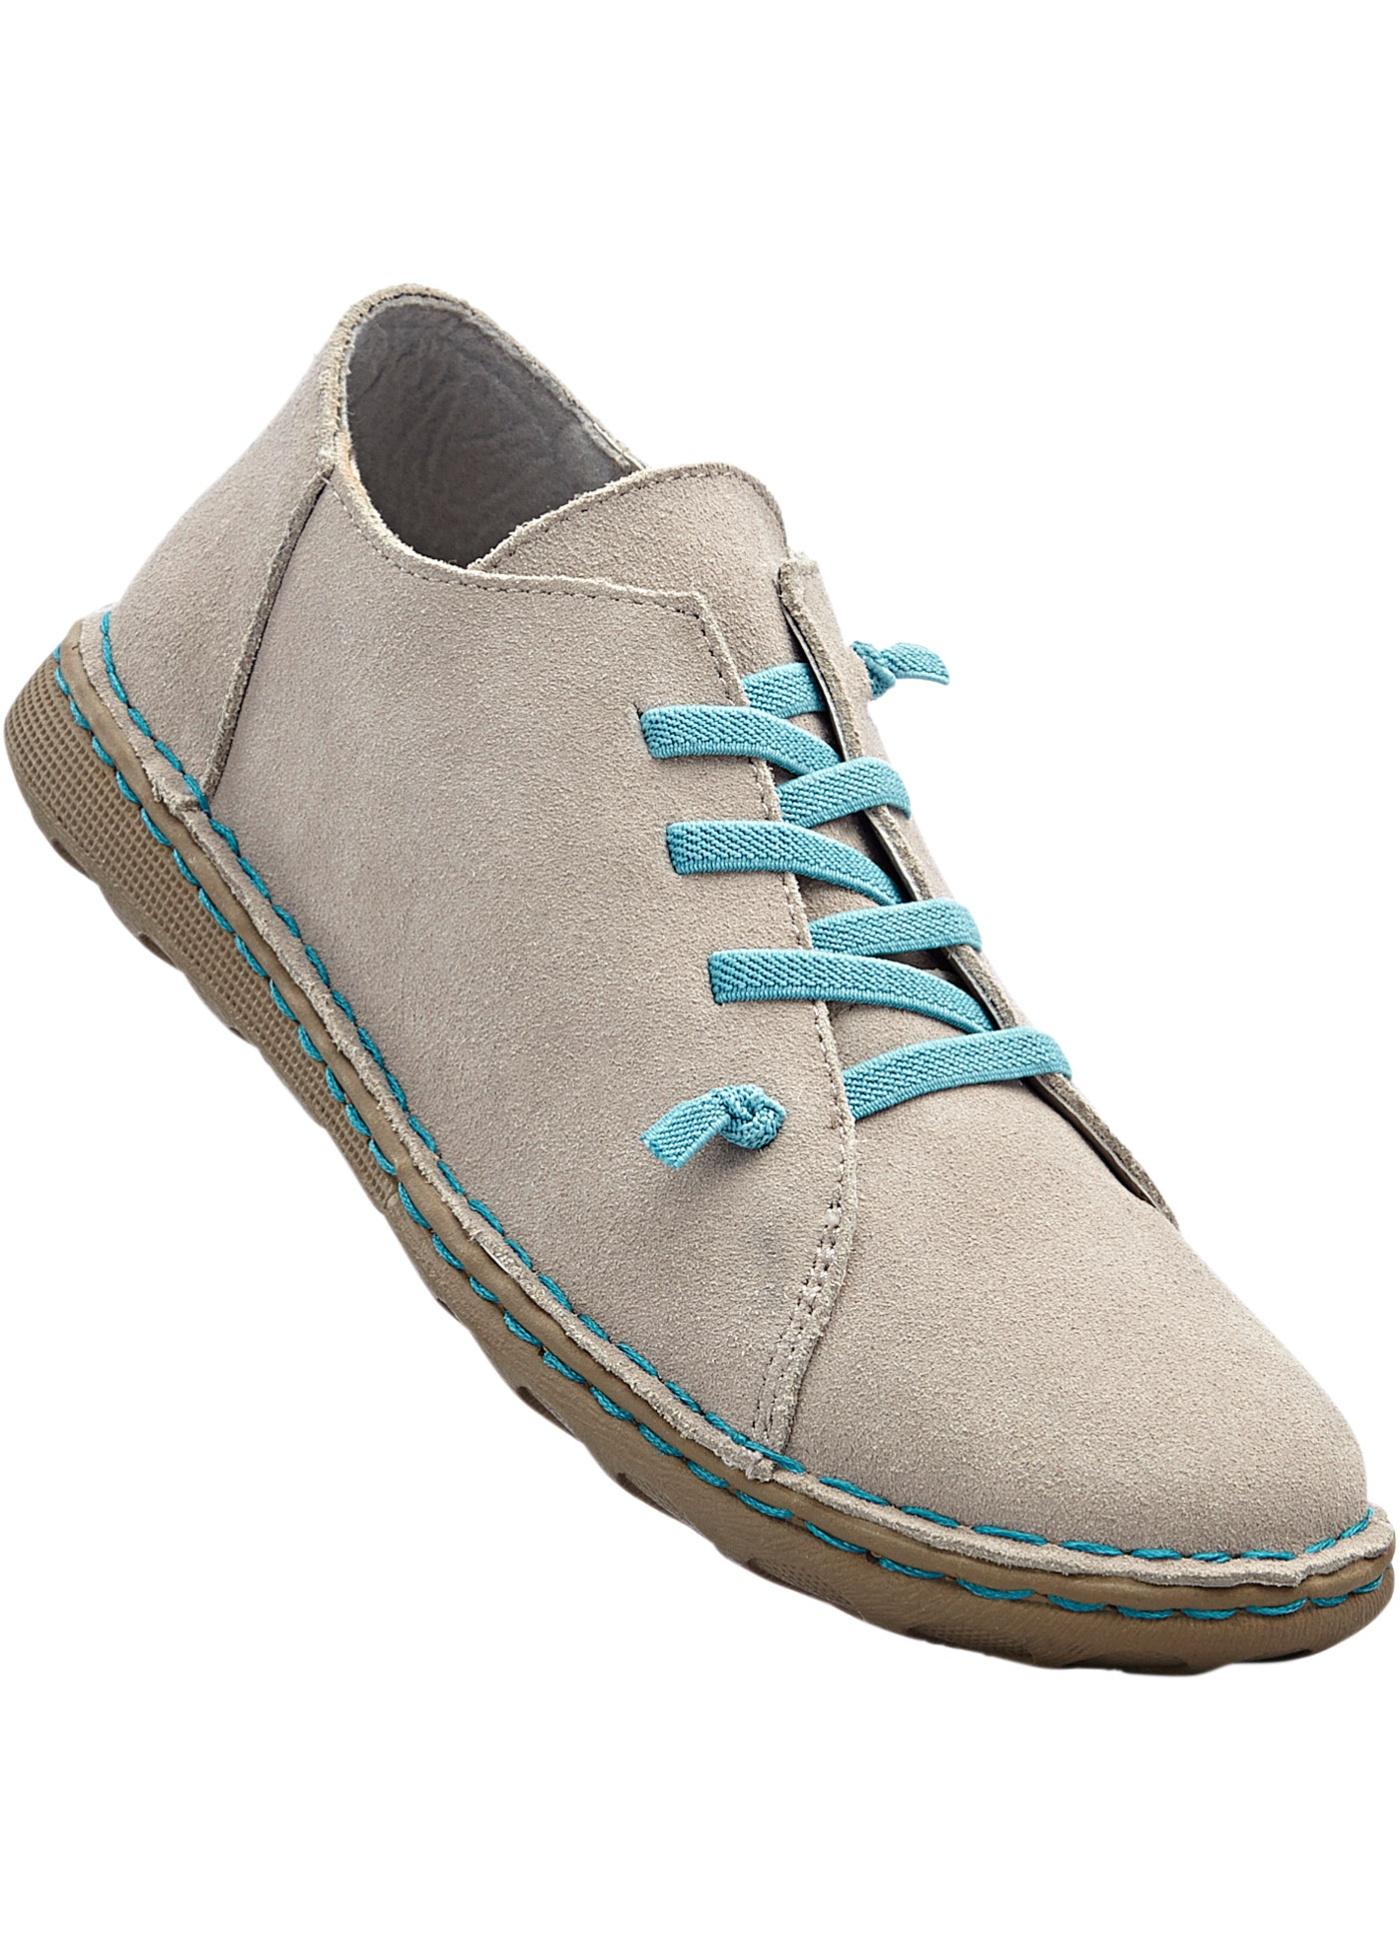 Pohodlná kožená obuv na šněrování - Šedá